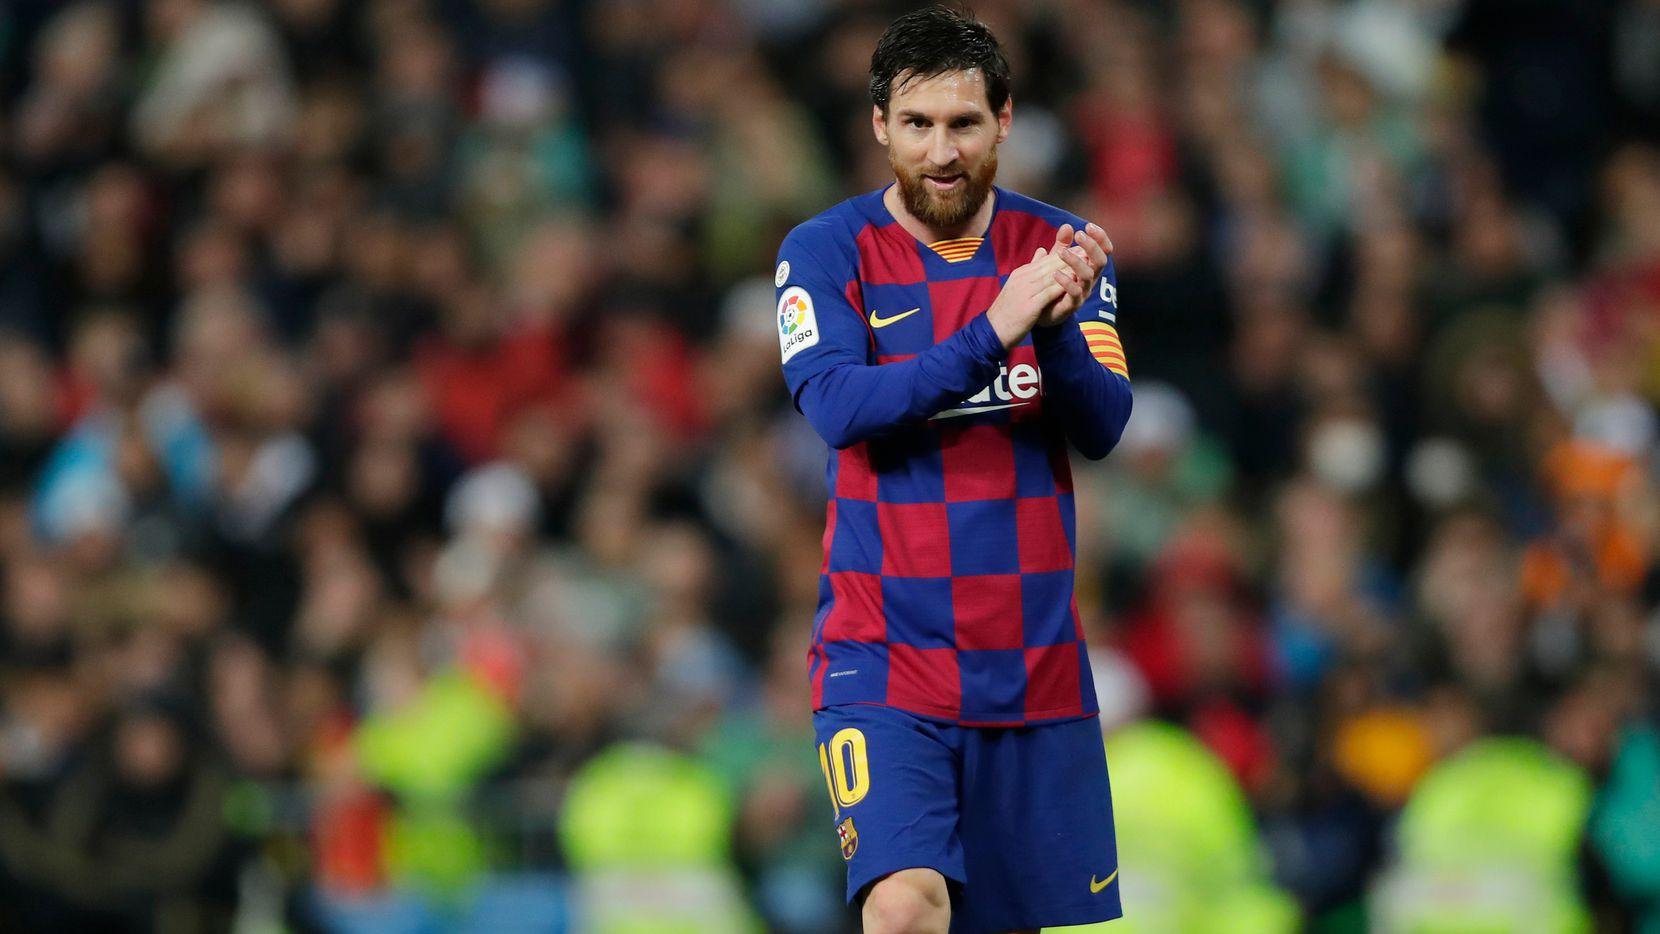 El jugador del Club Barcelona, Lionel Messi,  muestra compromiso moral con la ciudad de Barcelona y con su país natal, Argentina.